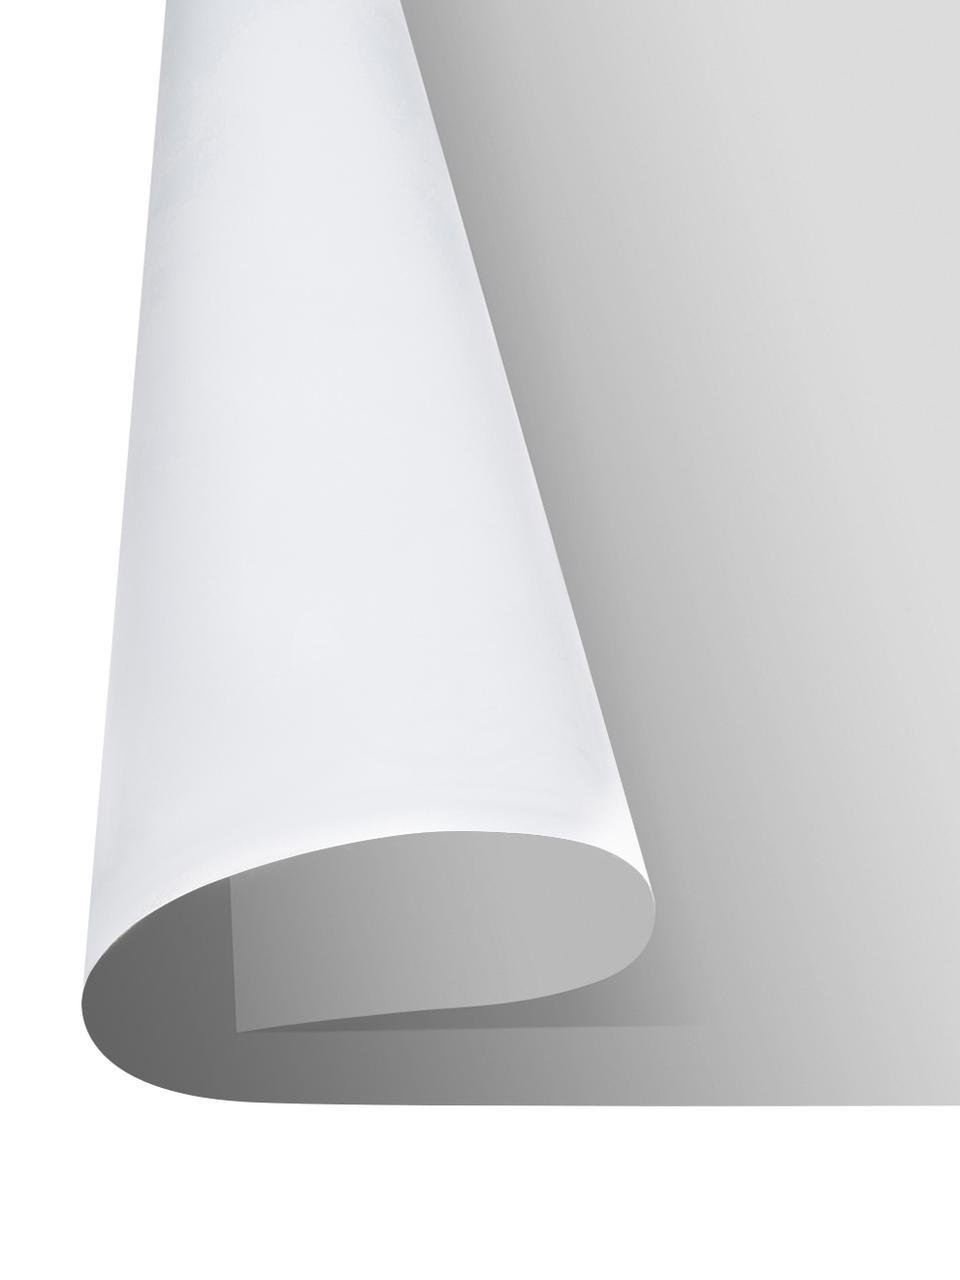 Passatoia in vinile riciclabile Elena, Vinile riciclabile, Nero, bianco, grigio, Larg. 65 x Lung. 255 cm